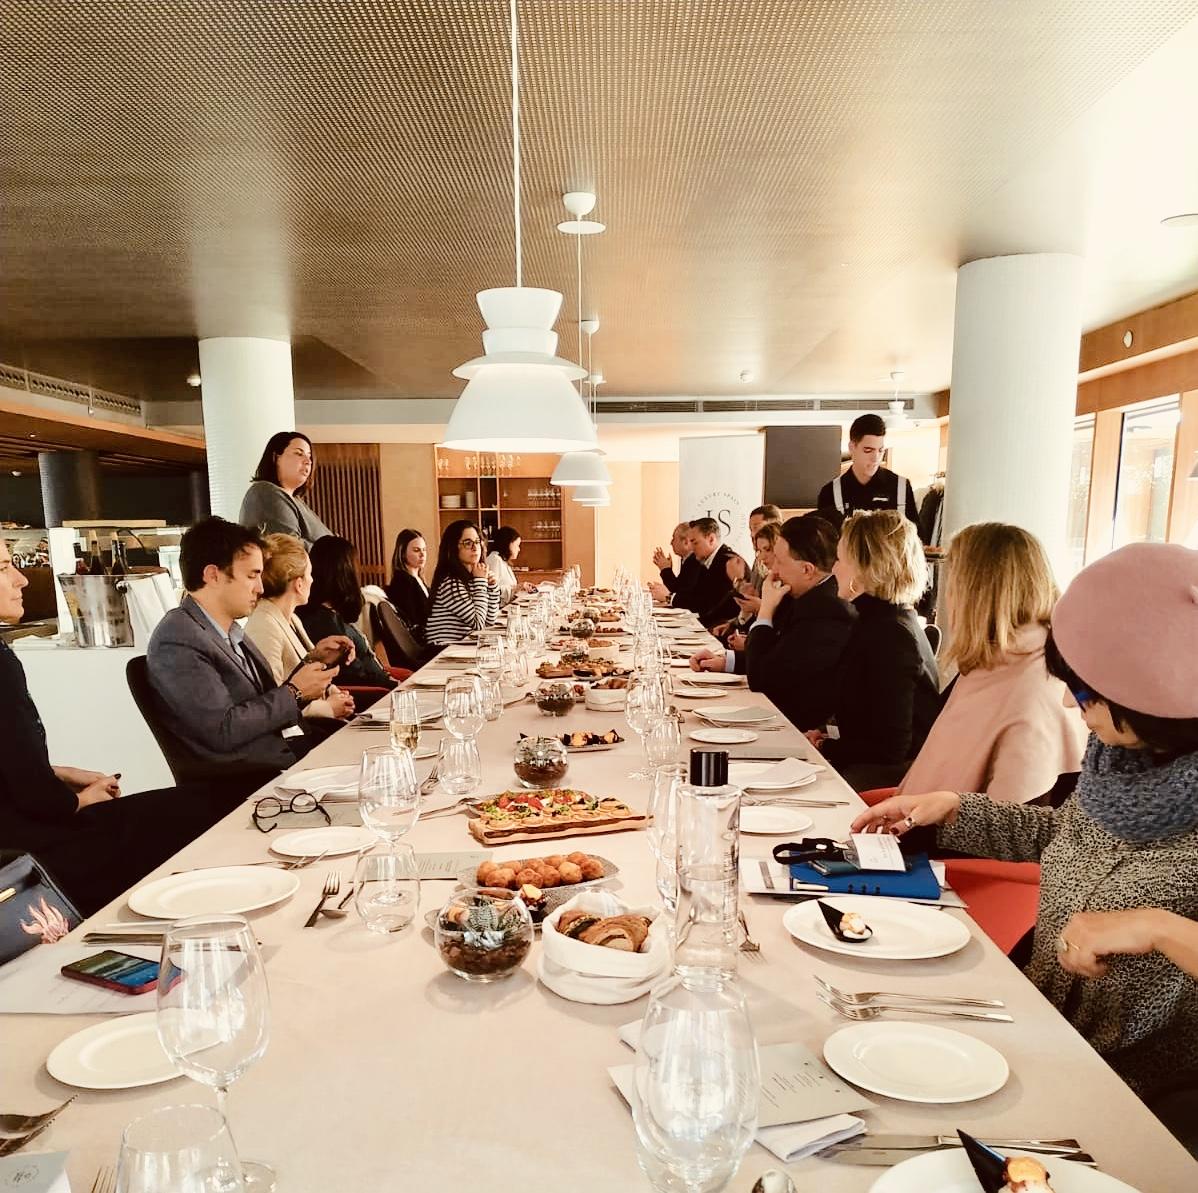 La Asociación Española del Lujo – Luxury Spain celebró su primer Almuerzo Networking Sello de Calidad Luxury Spain Lifestyle en el Hotel OD Barcelona